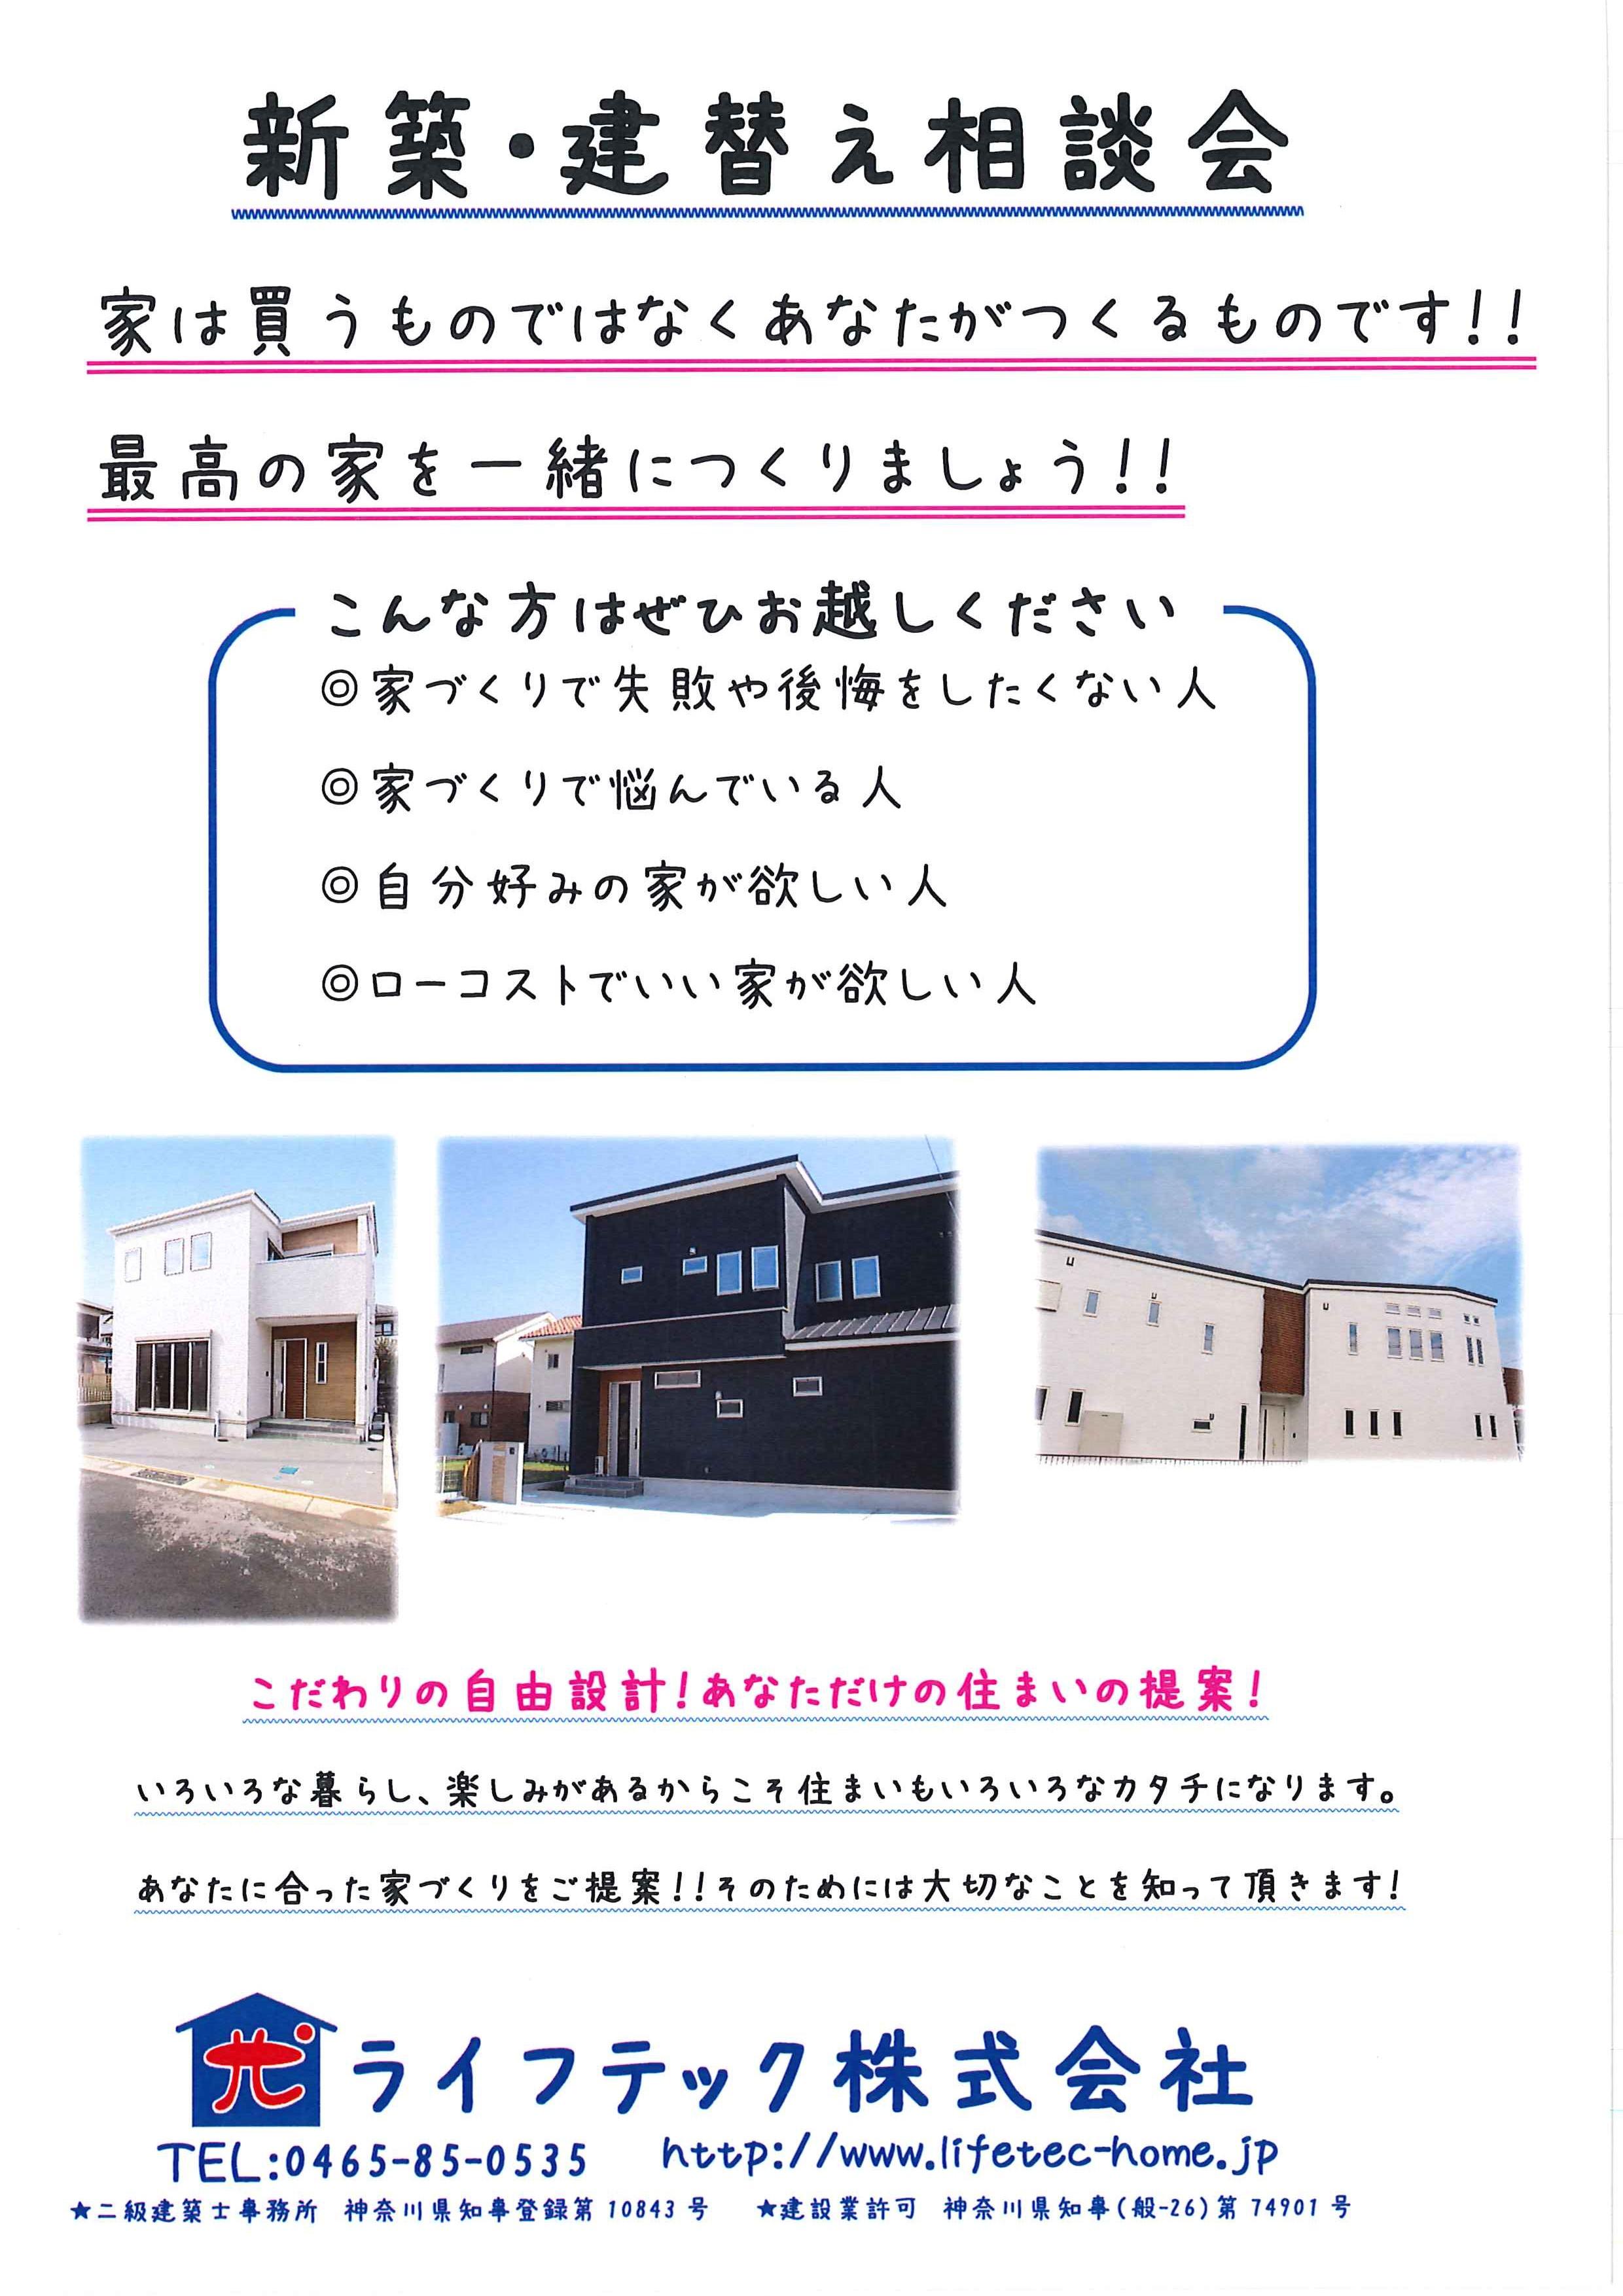 『新築・建替え相談会』のお知らせ!